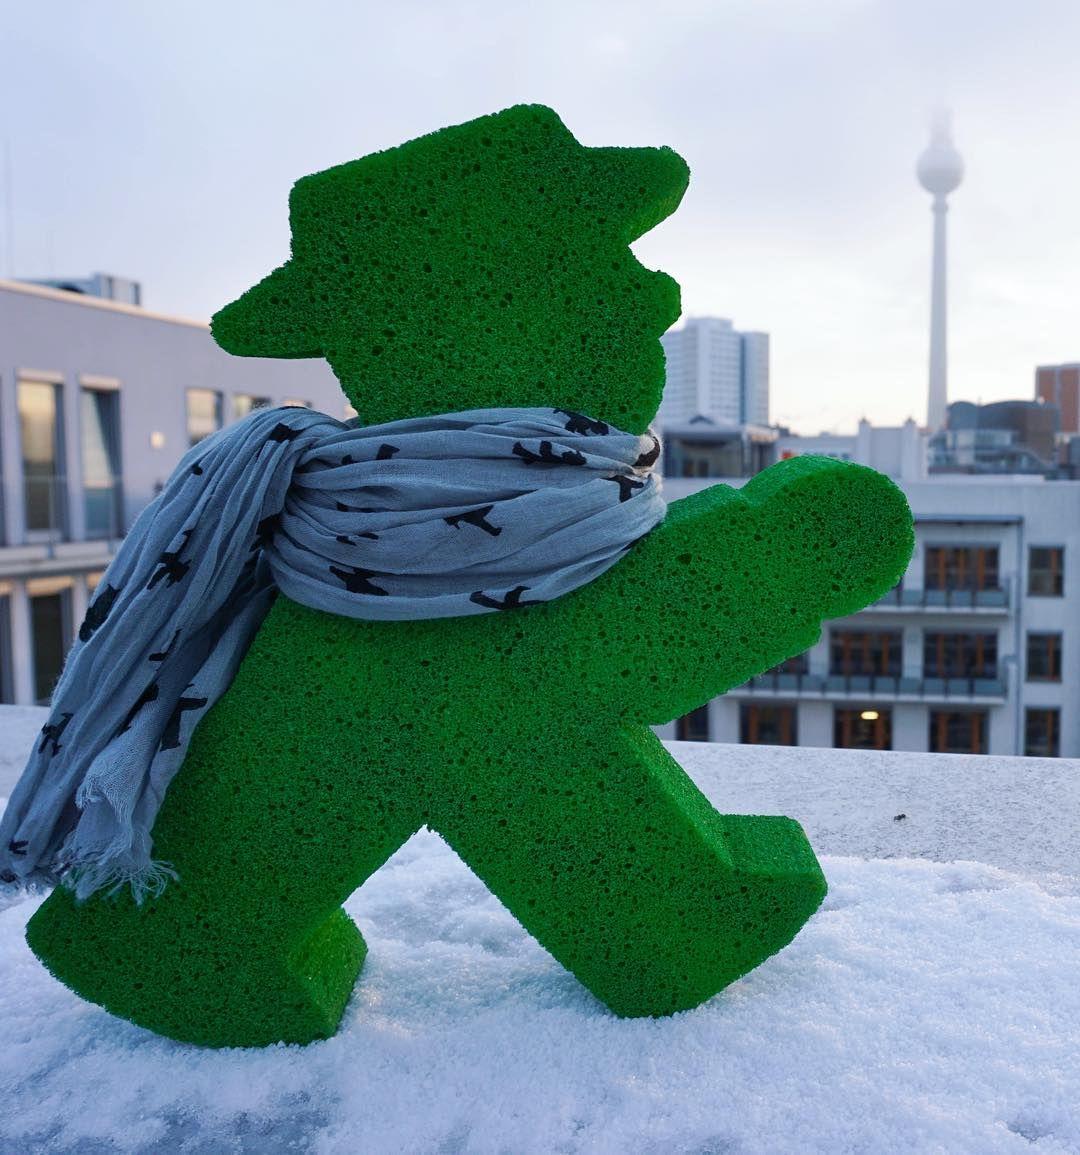 Snow + a great view! :D #LittleGreenMan #AmpelmannWorld #FollowAmpelmann #ampelmannLifestyle #Berlin